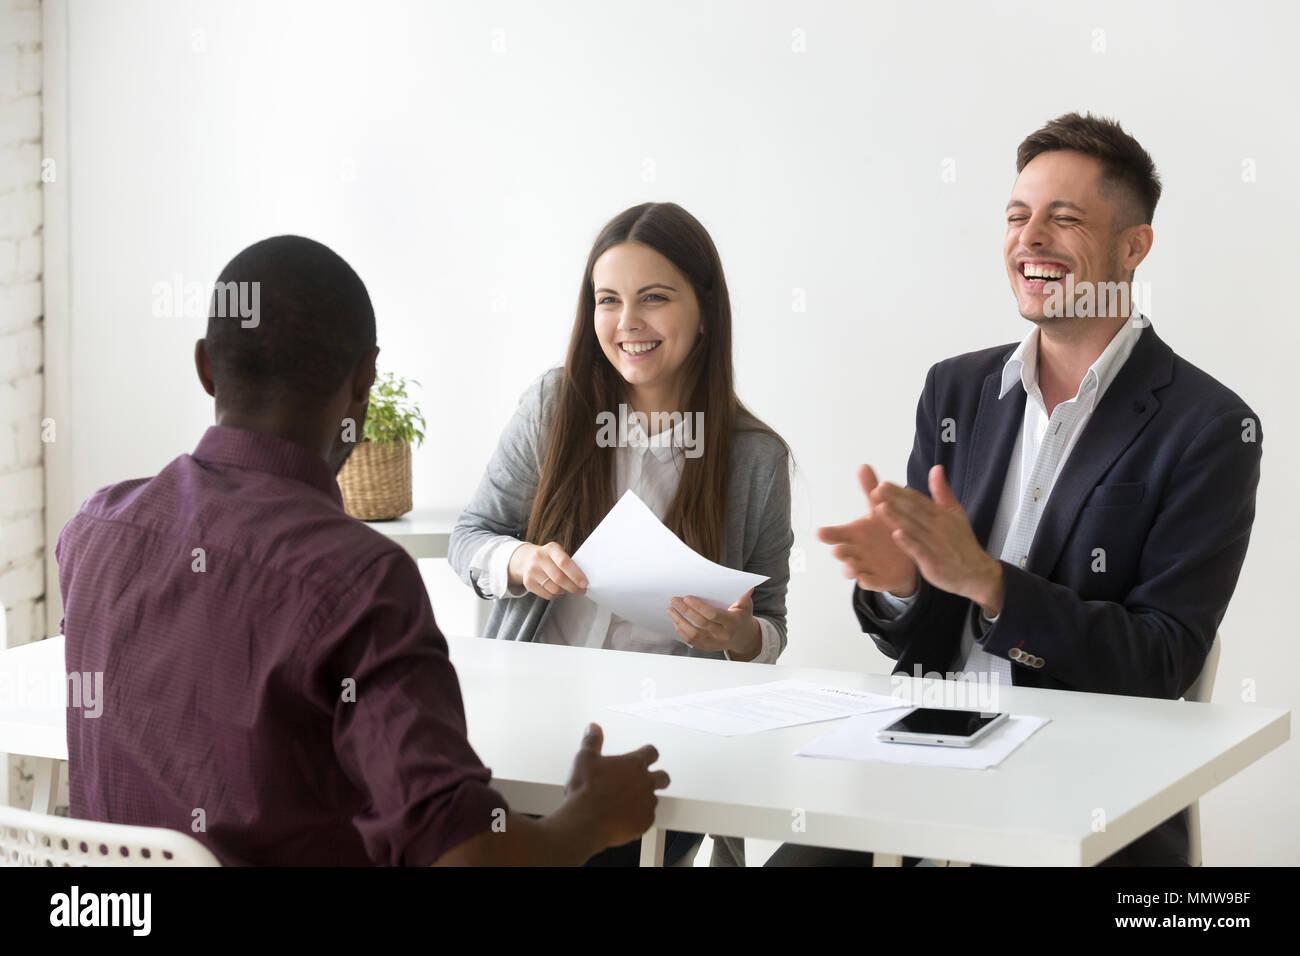 Candidatos africanos hacen reír hr en una entrevista de trabajo, buena impressio Imagen De Stock